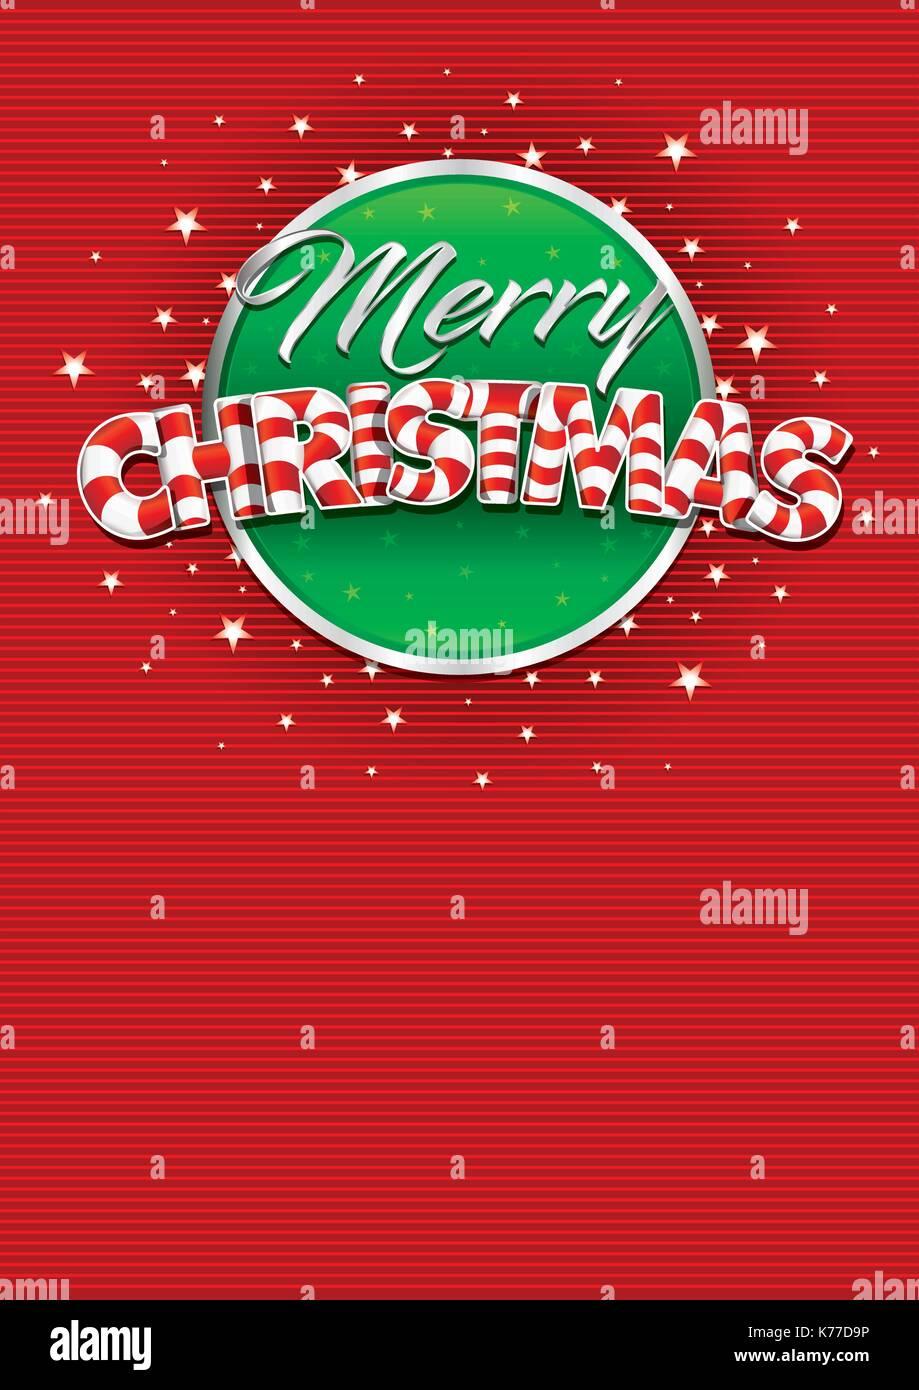 Weihnachten hintergrund a4